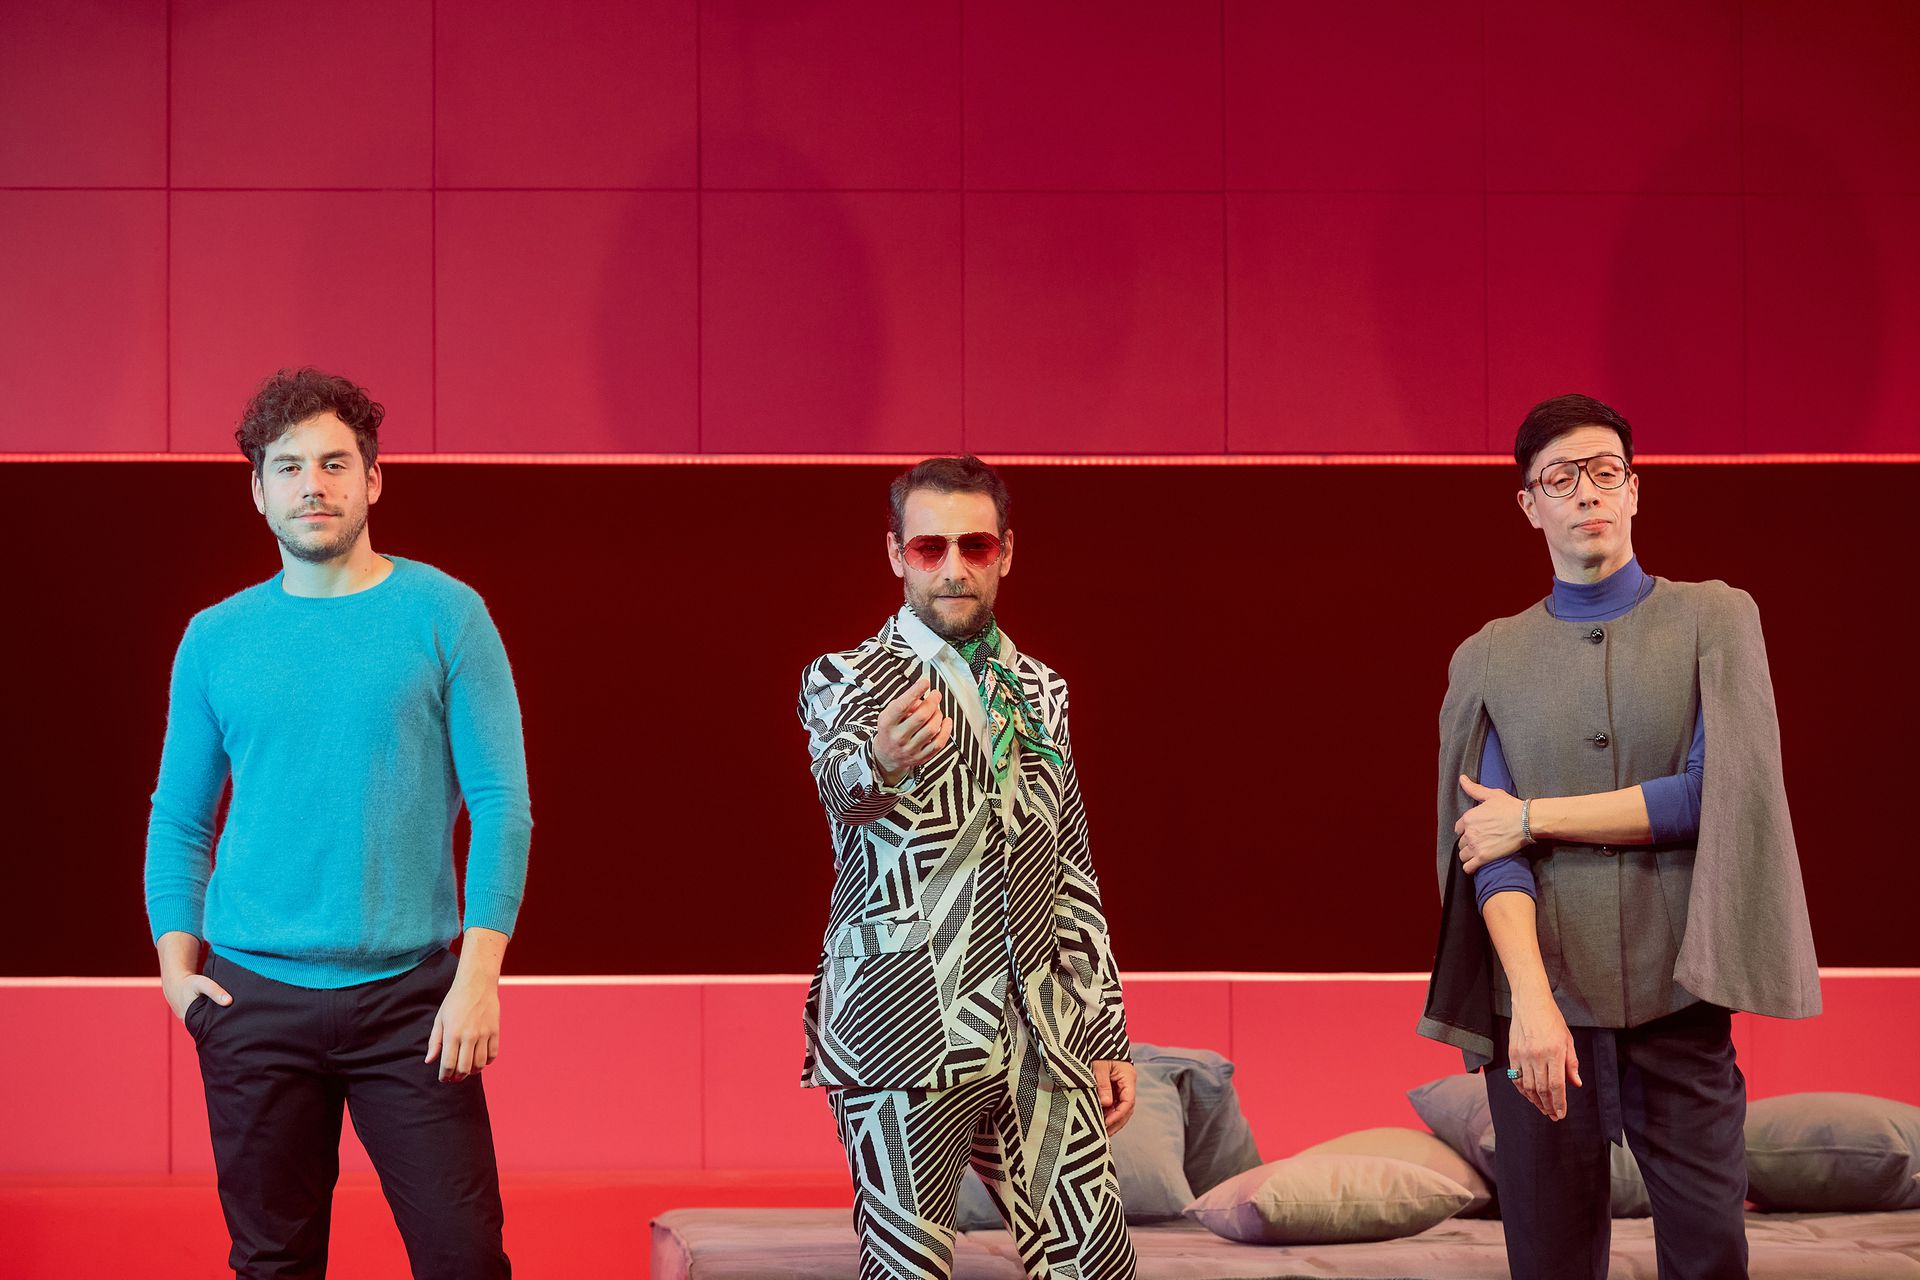 Fernando Dente, Sergio Surraco y Roberto Peloni, los entrevistados en esta nota, en el escenario del Astral